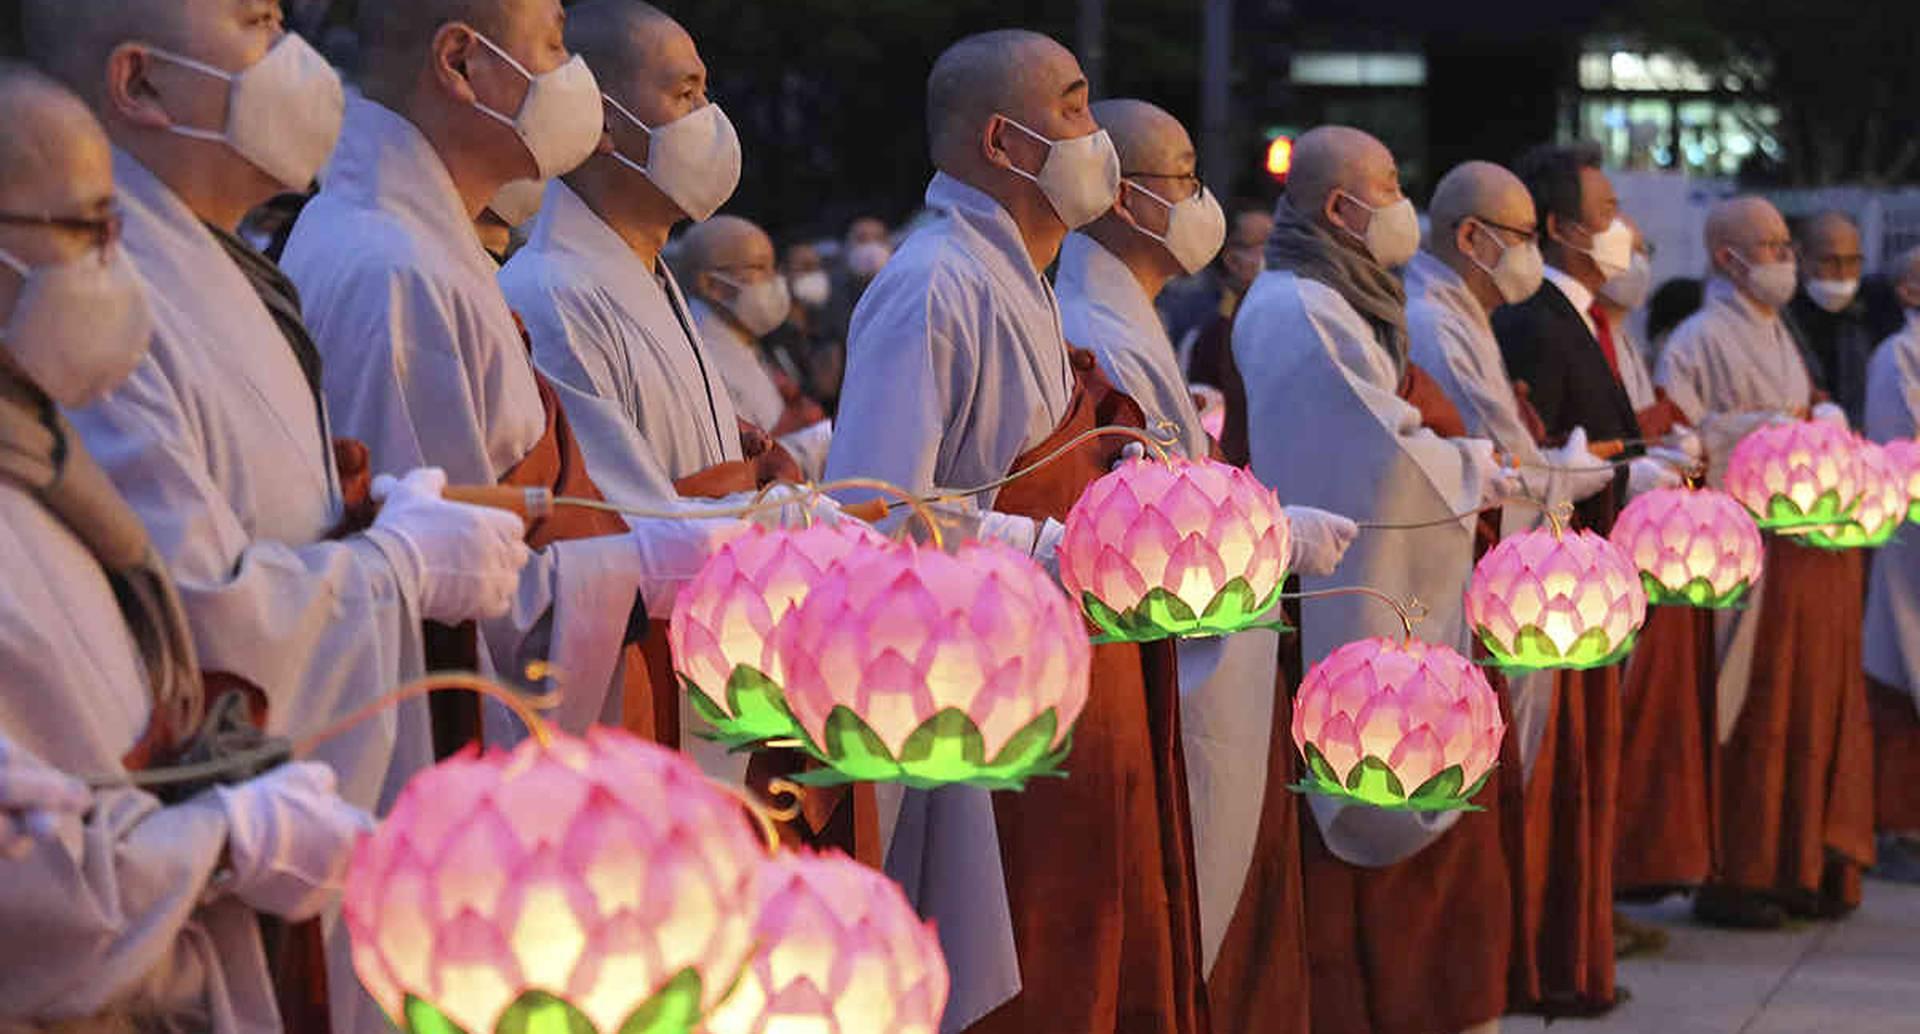 Monjes budistas celebran el cumpleaños de Buda, una fiesta tradicional del budismo Mahayana, en la Plaza Gwanghwamun, de Seúl, Corea del Sur. 30 de abril. Foto: Ahn Young-joon/ AP